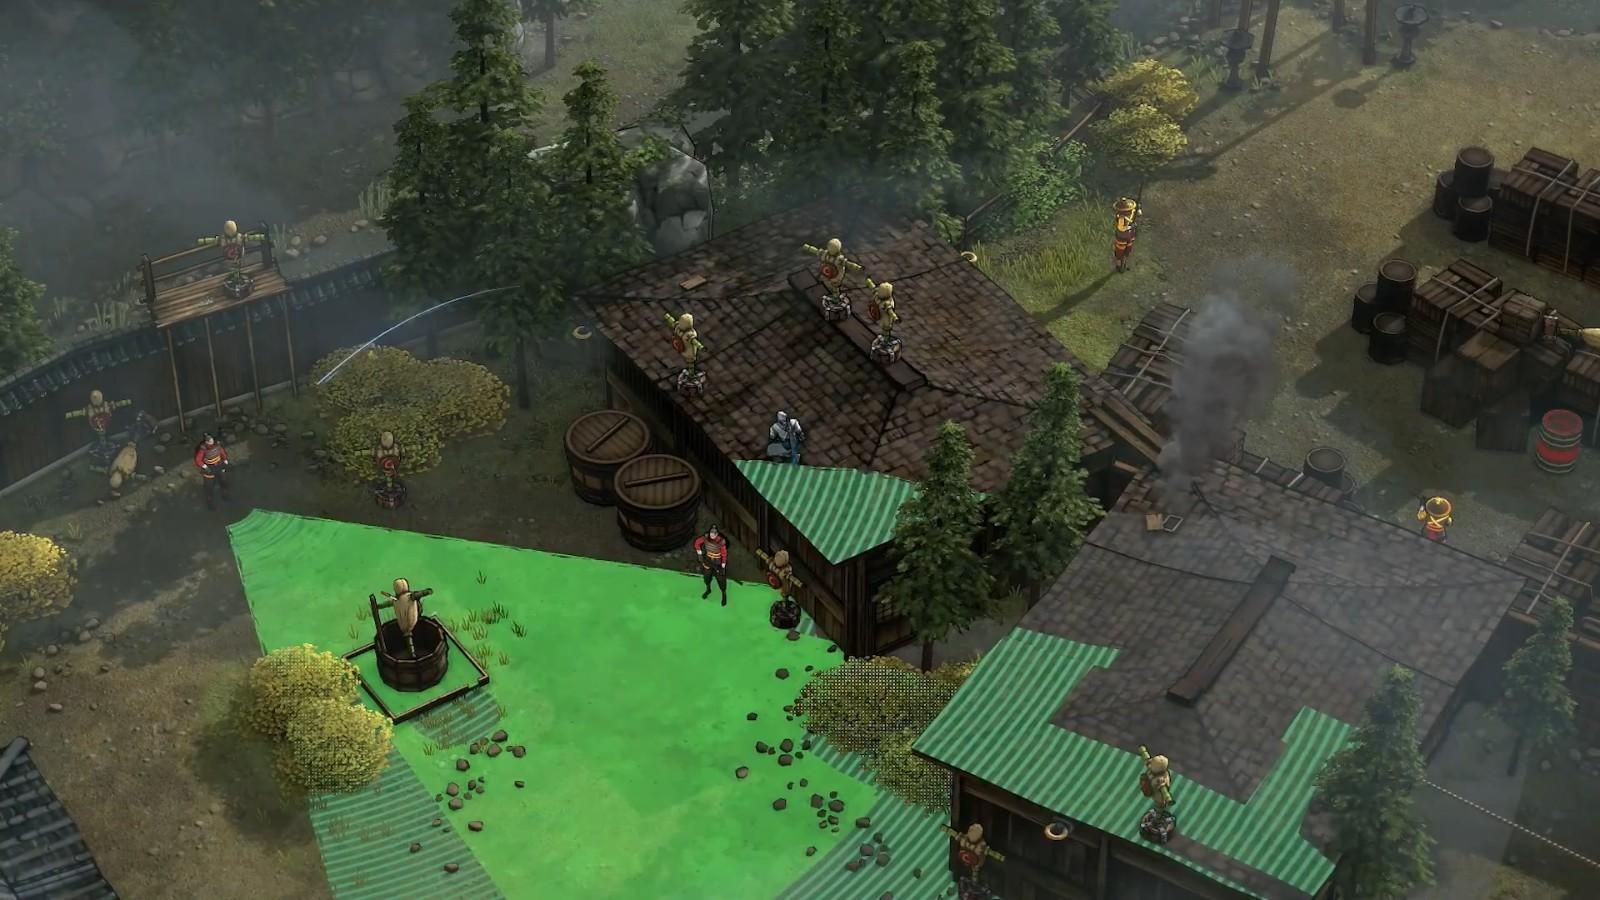 高能电玩节:《影子战术:将军之刃》新DLC宣传片插图5